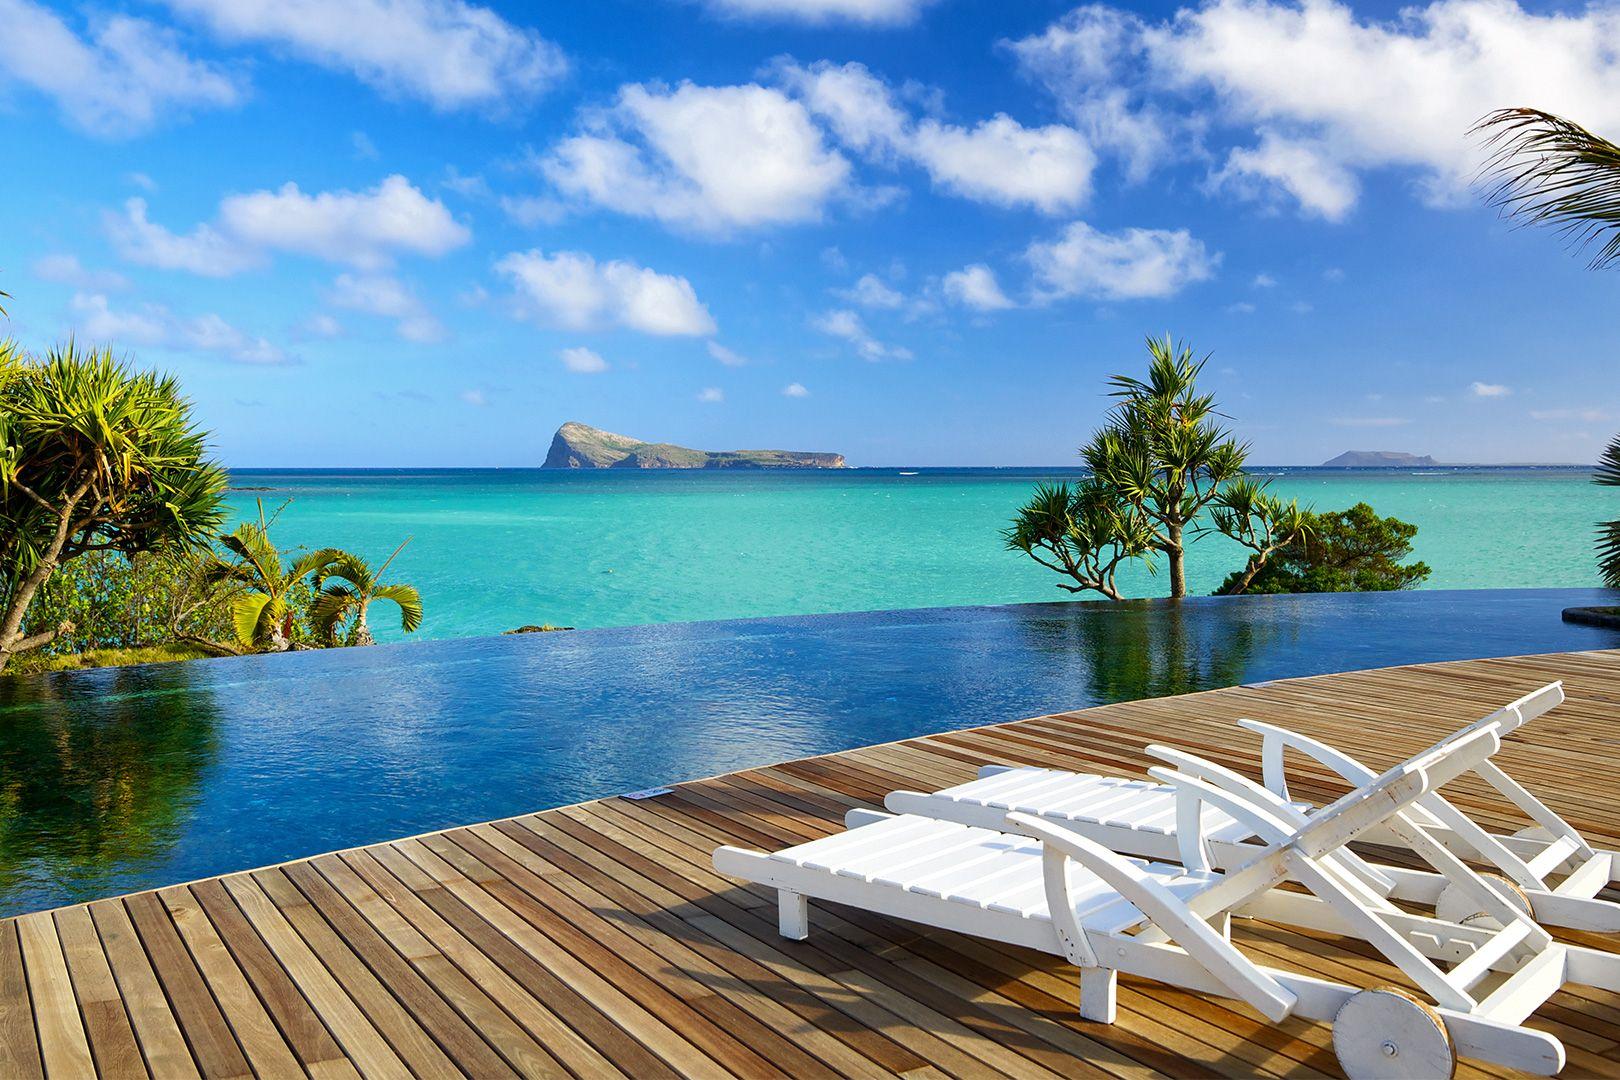 Sejur plaja Mauritius, 12 zile – 24 noiembrie 2021